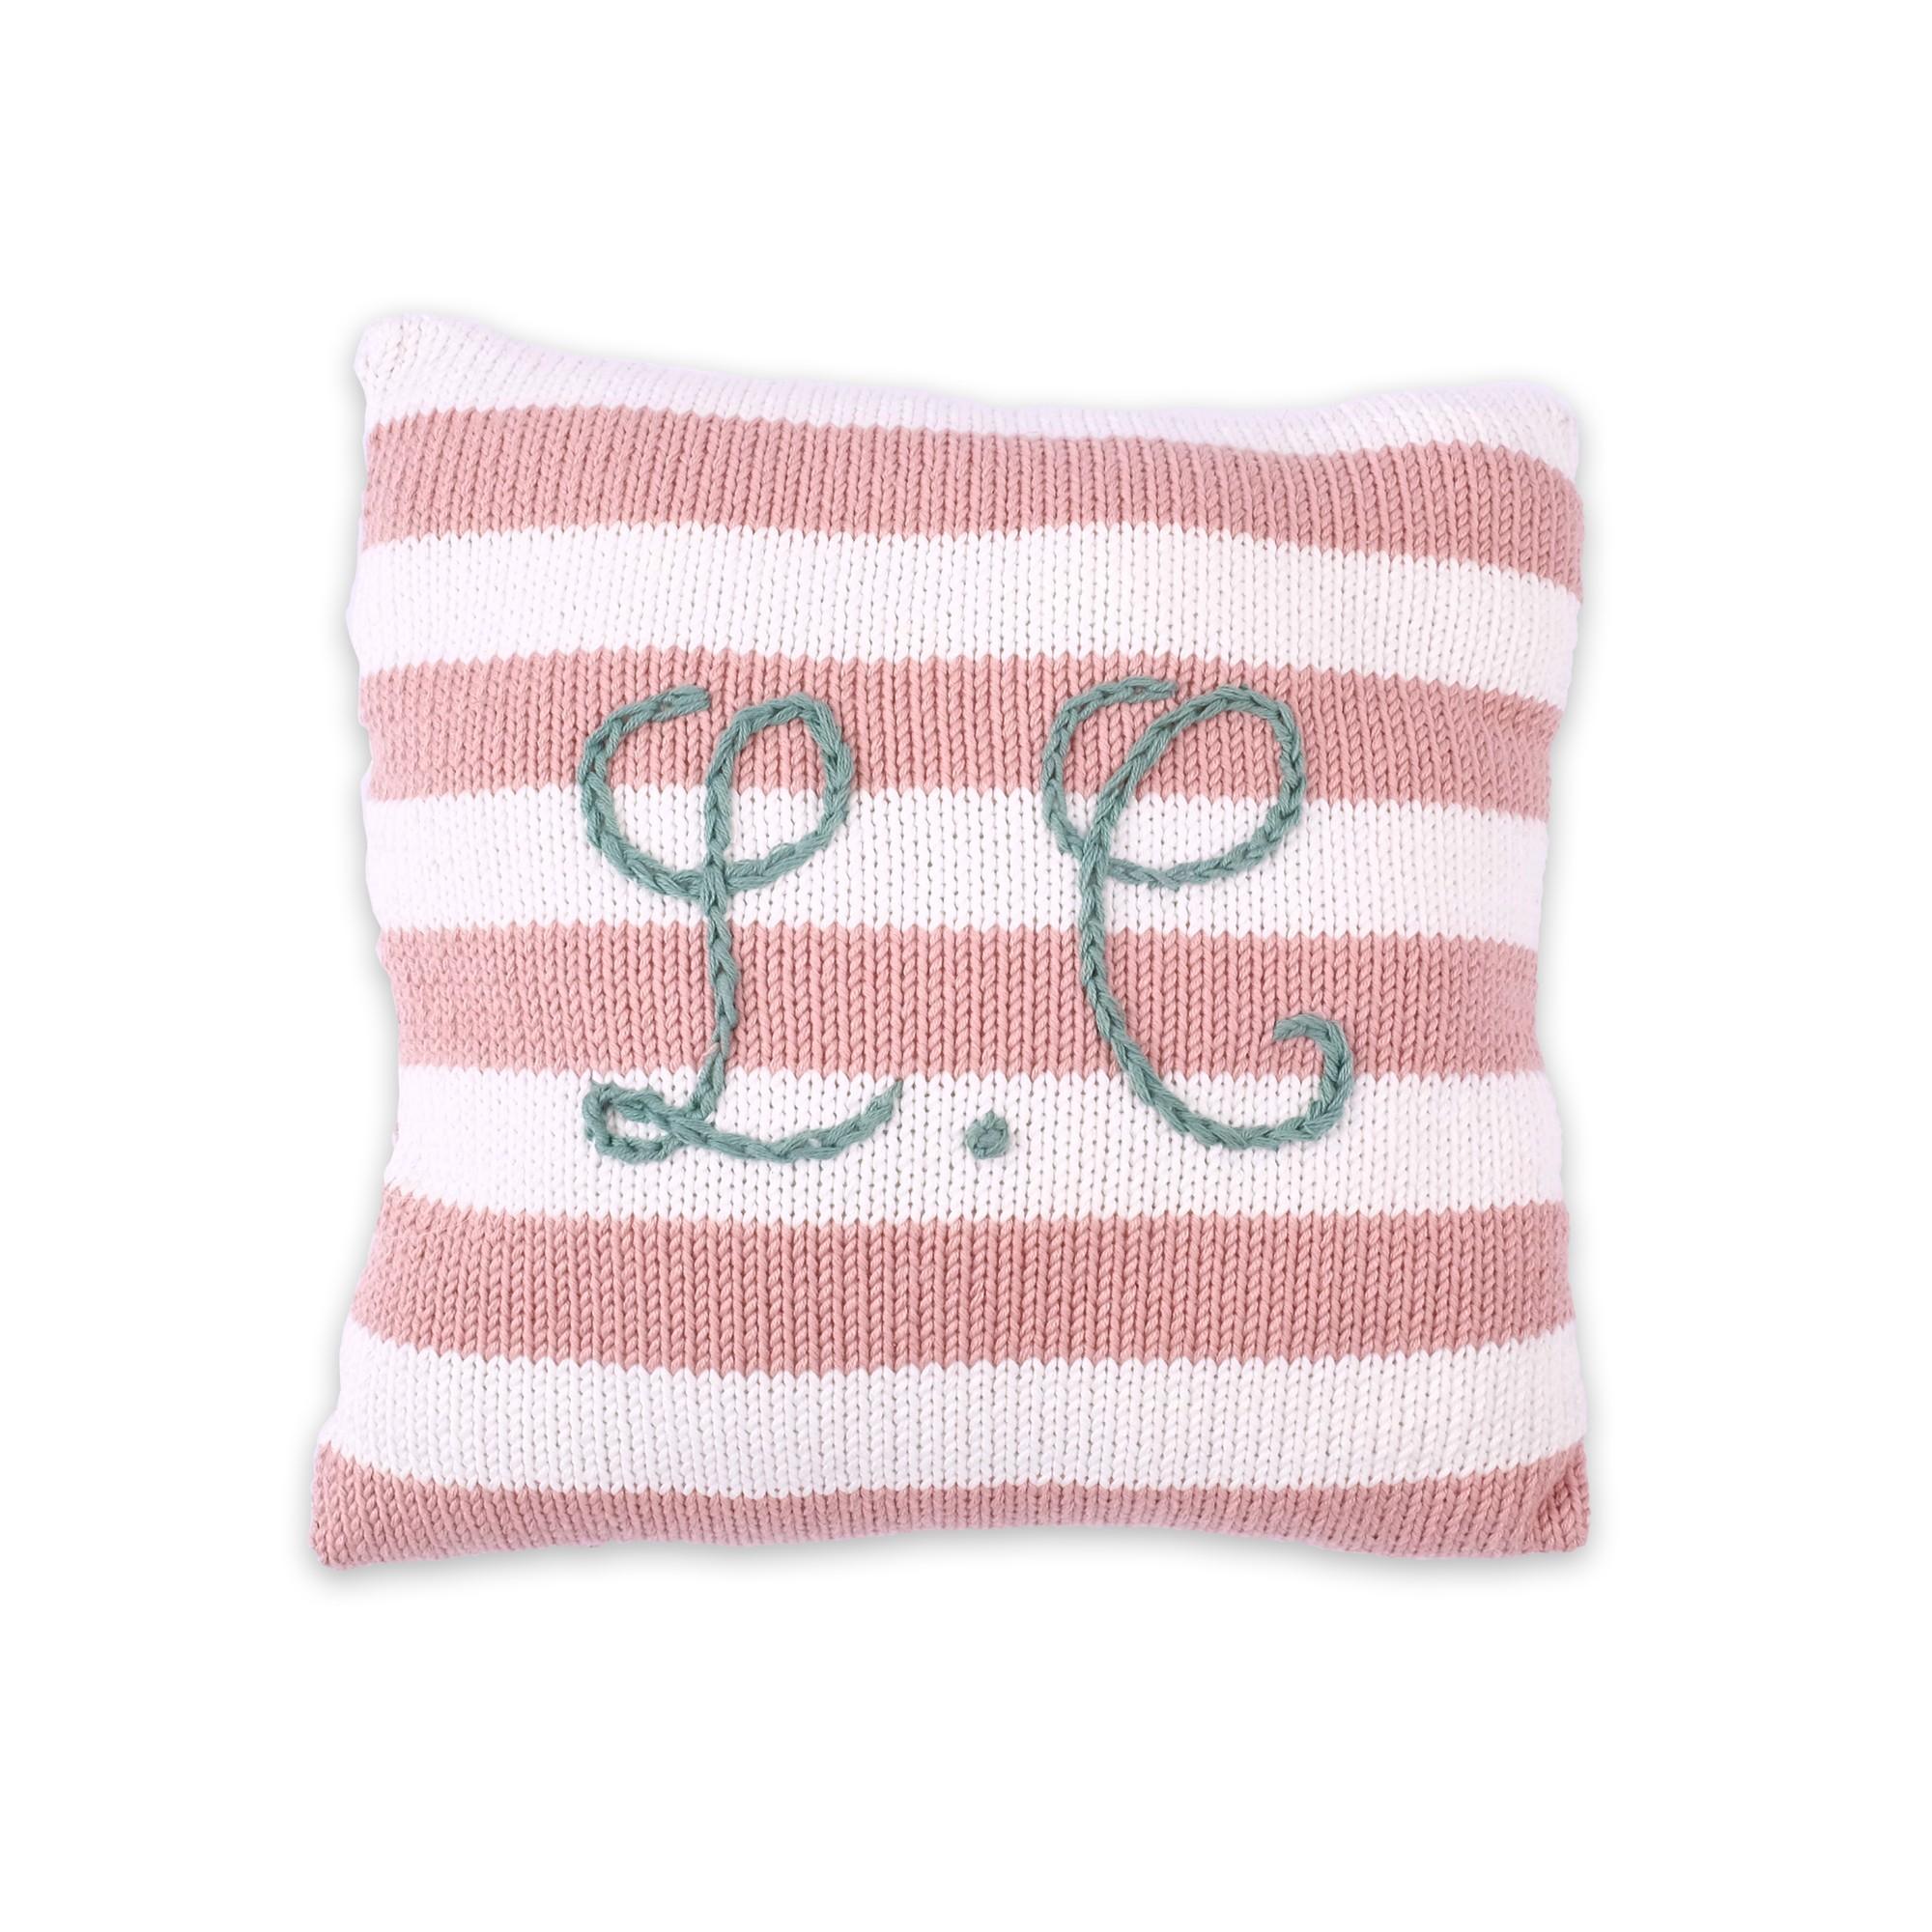 58e0895ee7554 Cadeaux de naissance à personnaliser - Coussin tricot rose et blanc ...